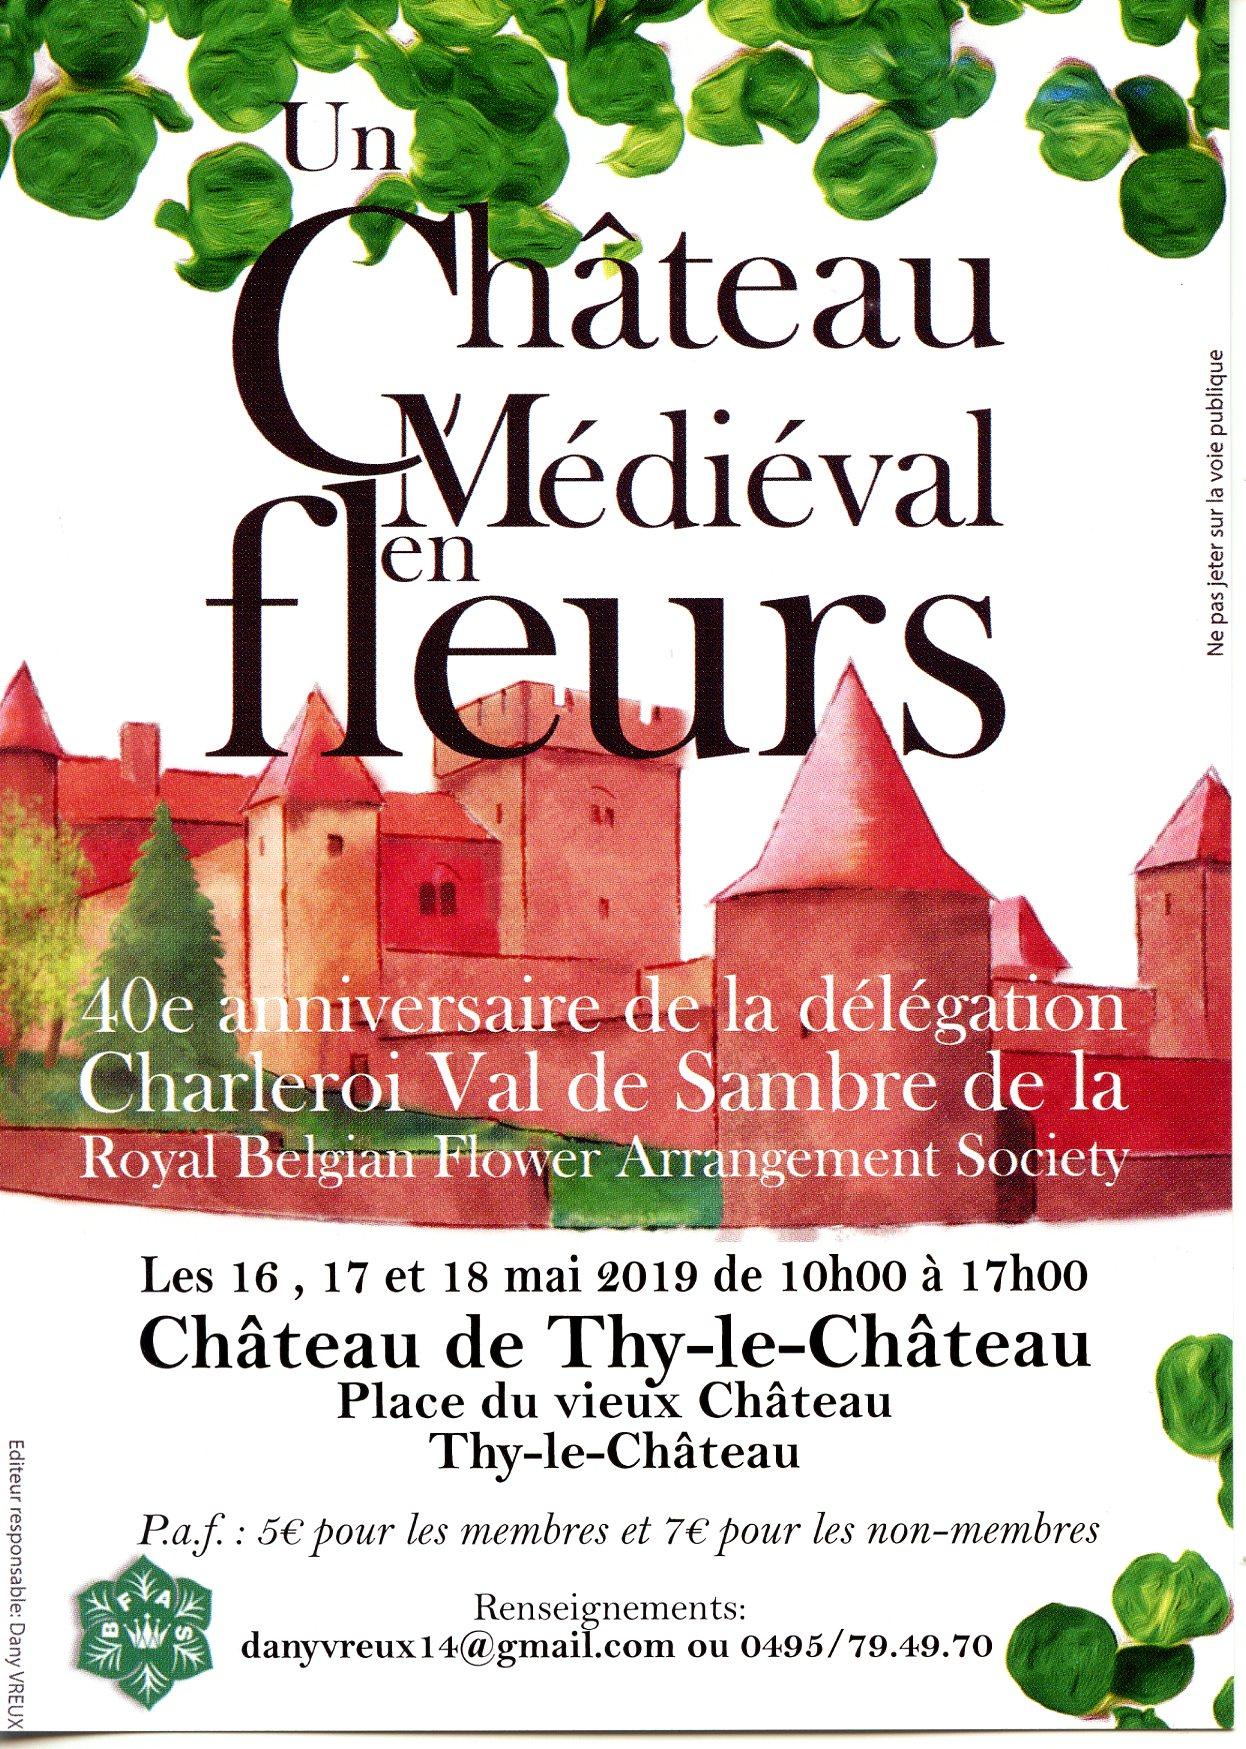 40e anniversaire de la délégation Charleroi Val de Sambre